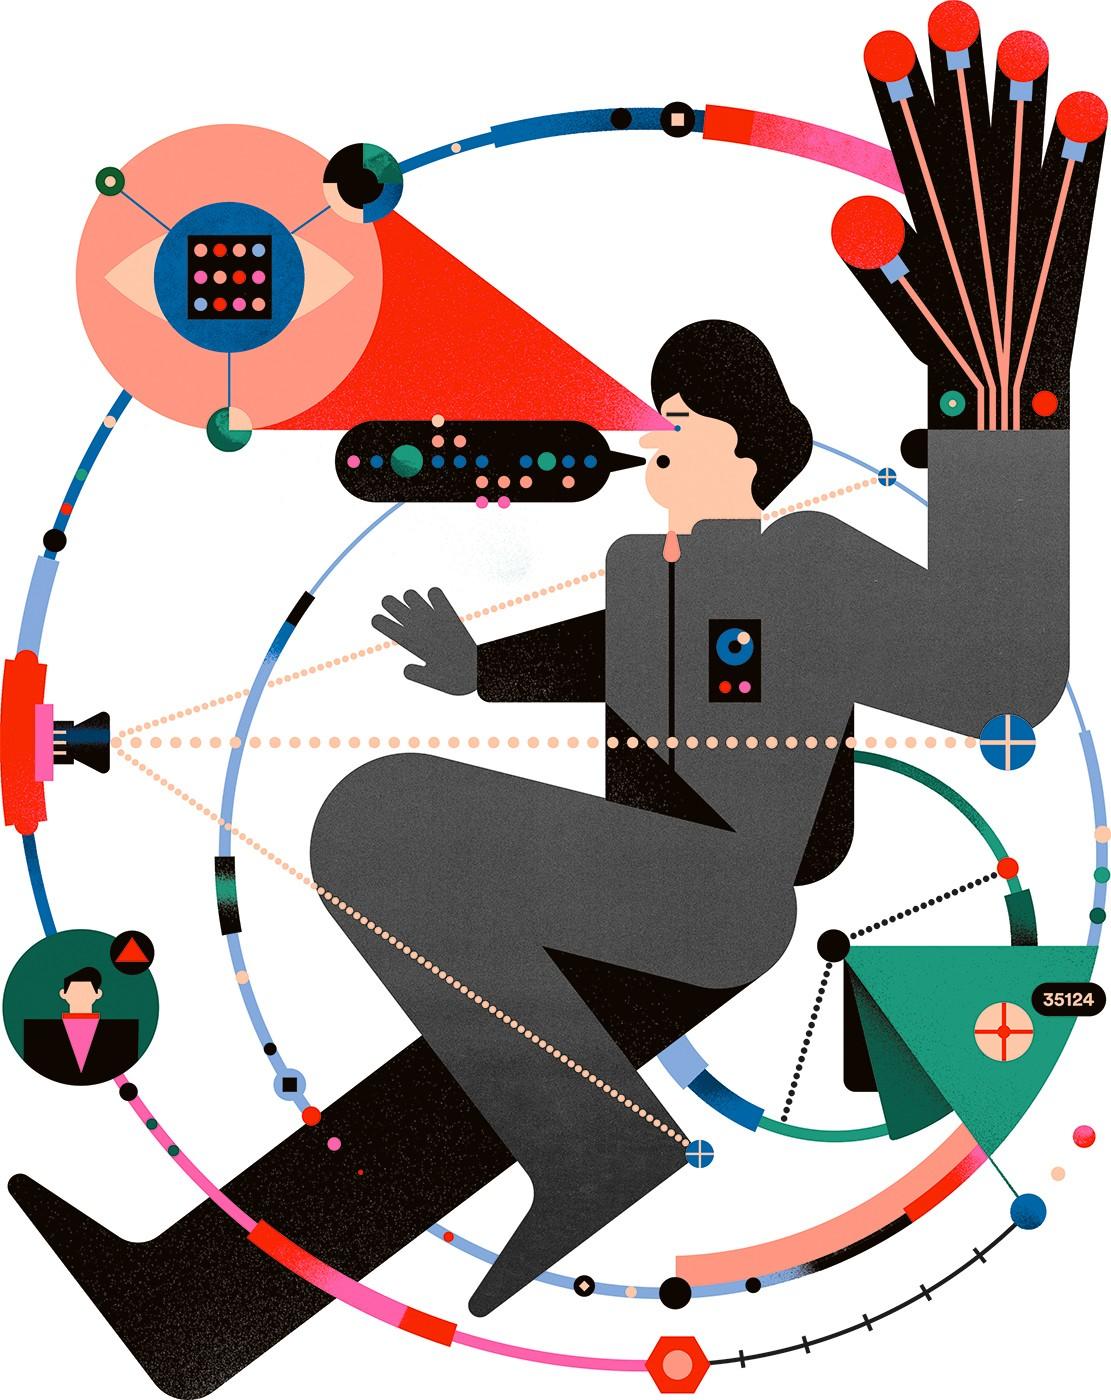 Bratislav_Milenkovic_MI-Wired